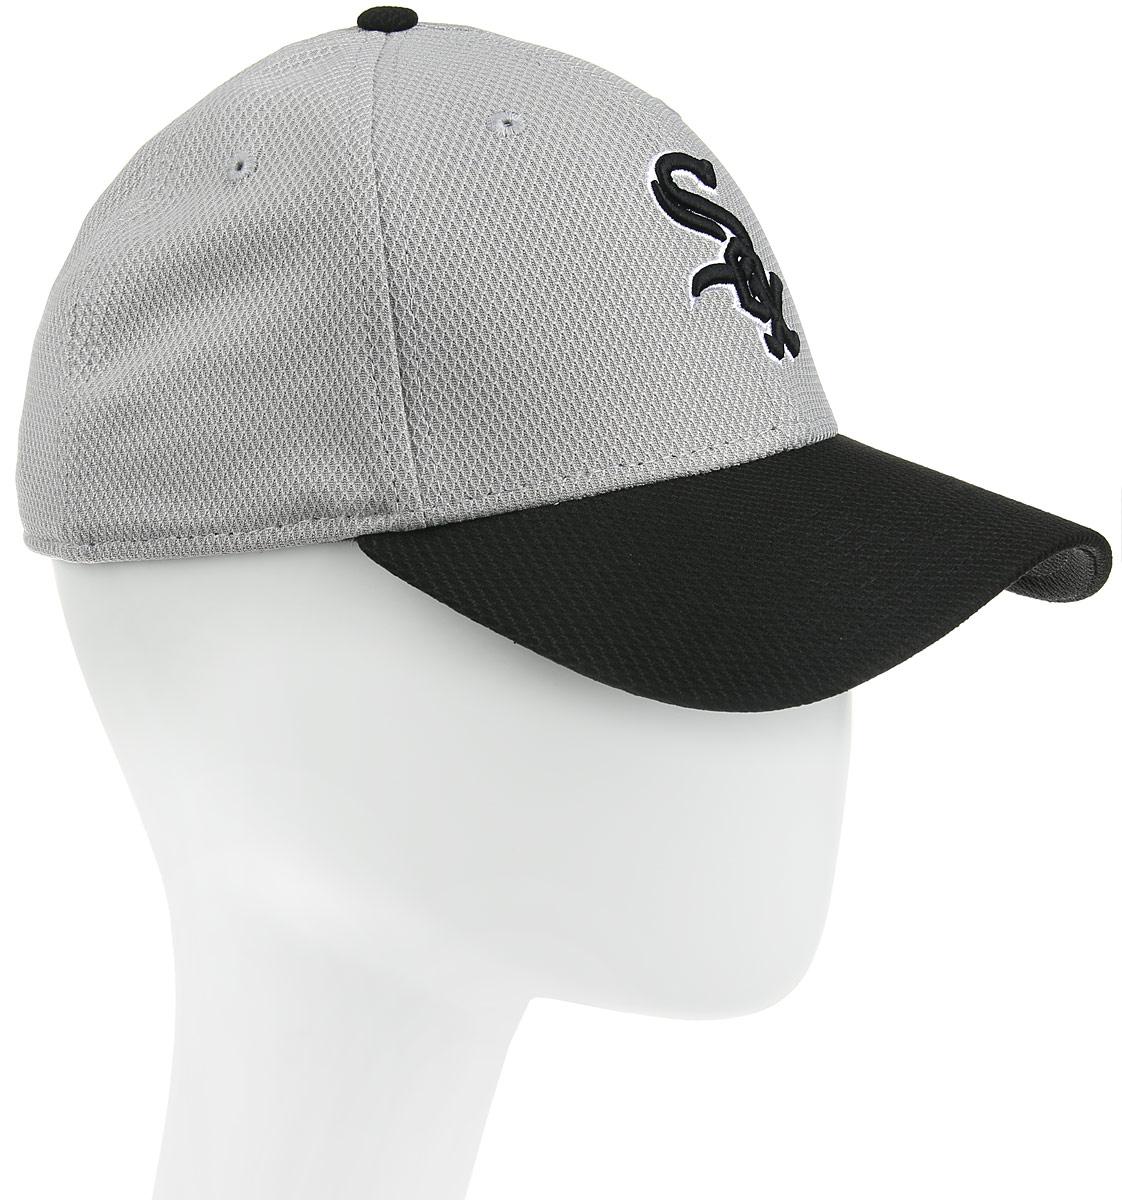 Бейсболка Chicago White Sox. 11210303-BLK11210303-BLKСтильная бейсболка New Era Chicago White Sox, выполненная из полиэстера, идеальна для каждодневного использования. Модель с комфортной и мягкой посадкой на голове надежно защитит вас от солнца и ветра. Бейсболка имеет классическую конструкцию из шести панелей и специальные вентиляционные отверстия. Изделие оформлено объемной вышивкой. Превосходное качество и высочайший комфорт сделали эту бейсболку очень популярной. Эта модель станет отличным аксессуаром и дополнит ваш повседневный образ.